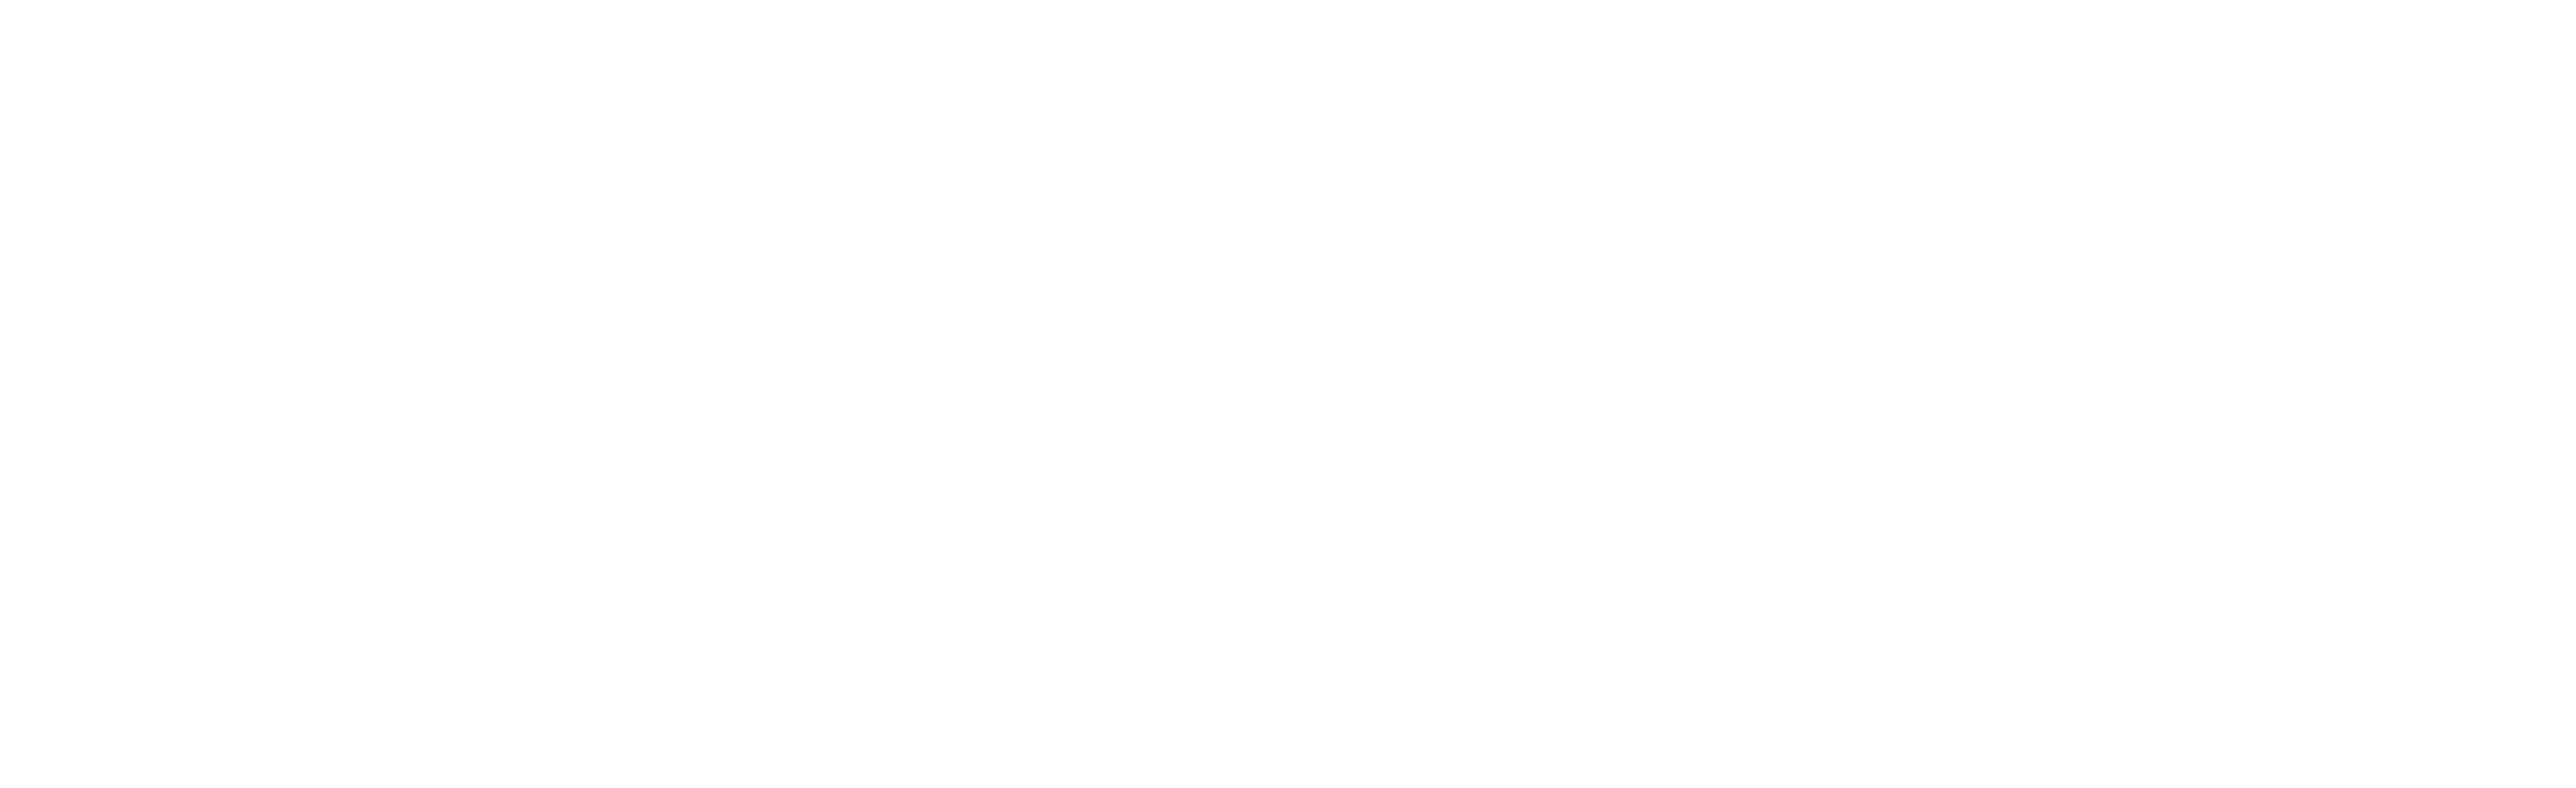 Shawn Wells Worlds greatest formulator ingredientologist